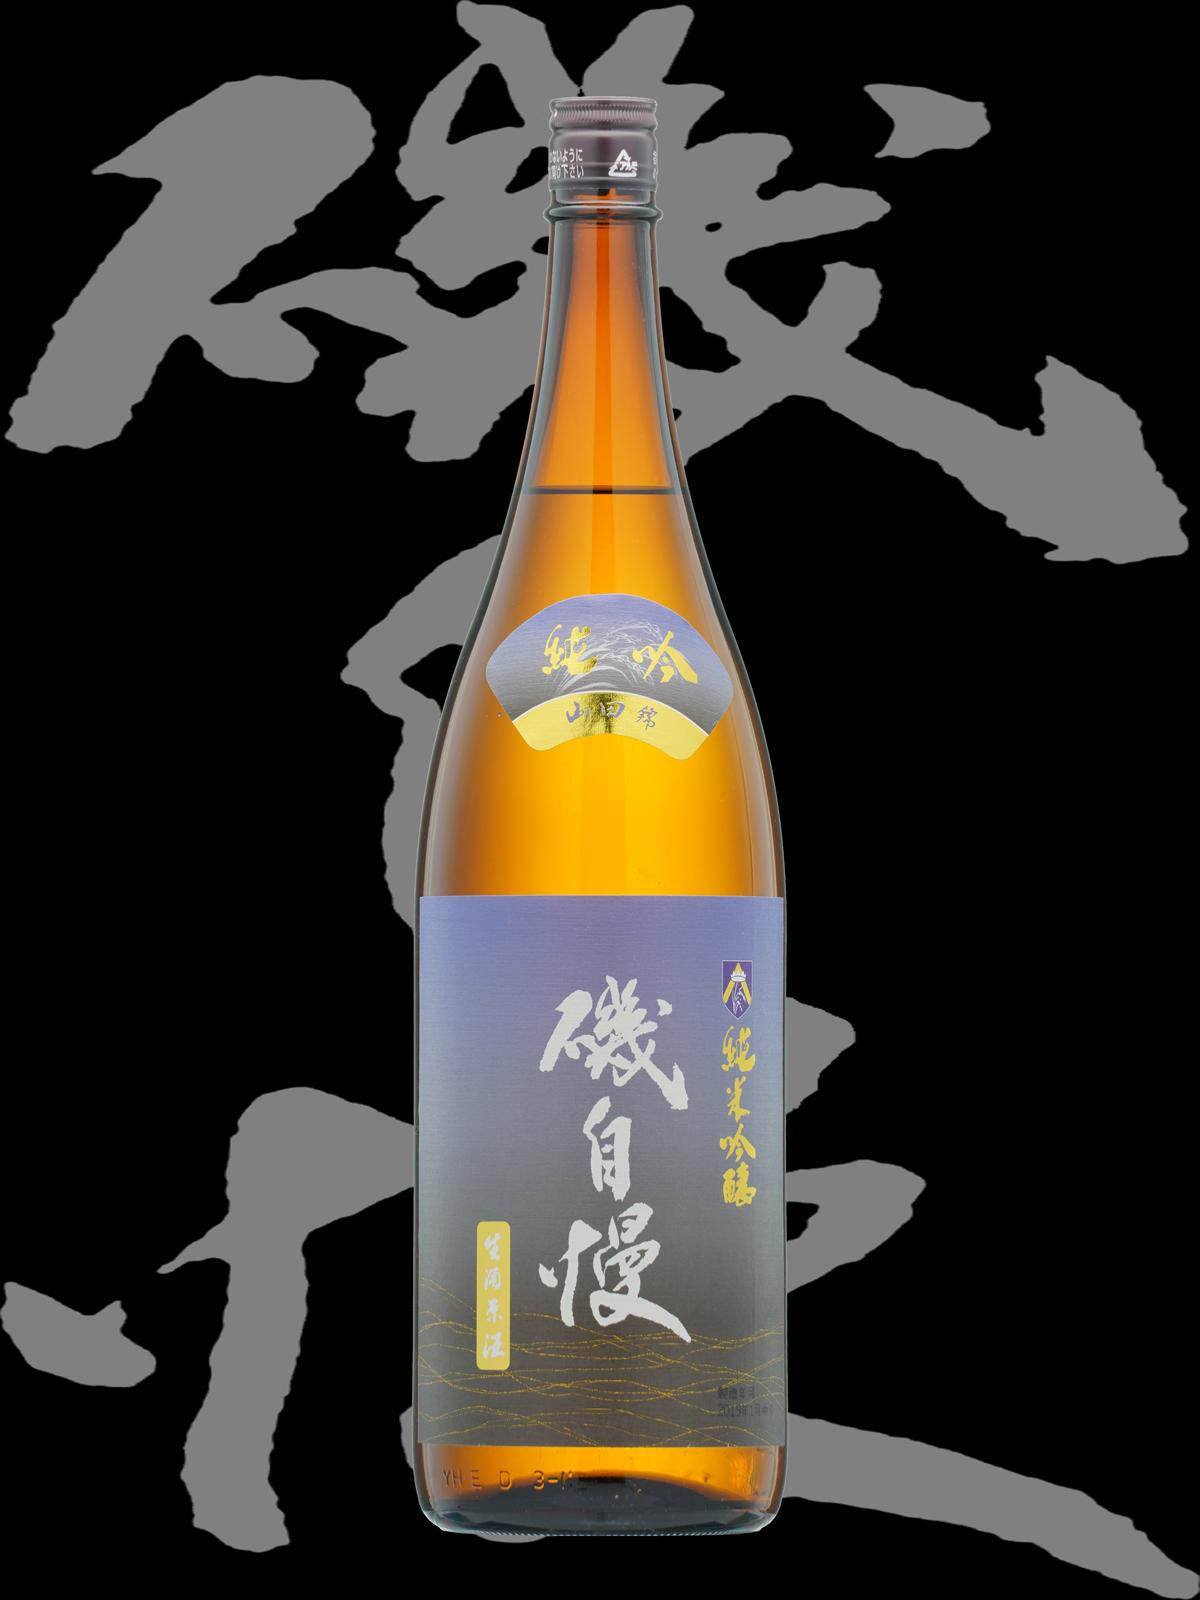 磯自慢(いそじまん)「純米吟醸」生酒原酒